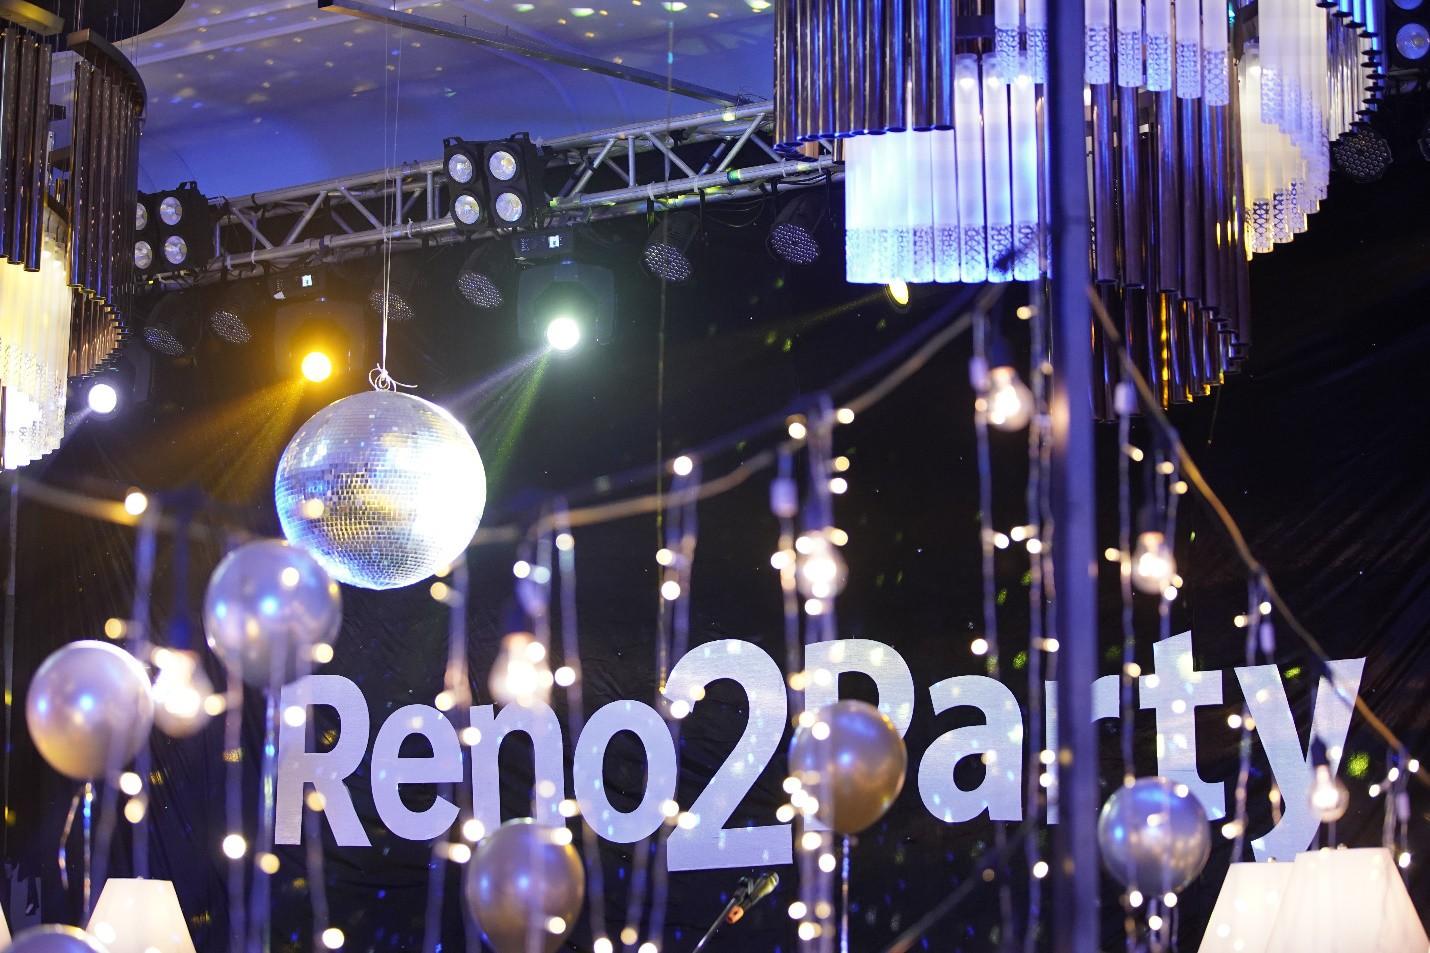 Chưa đầy 24 giờ, video quảng bá OPPO Reno2 Series của Sơn Tùng M-TP đạt hơn 8 triệu views - Ảnh 2.